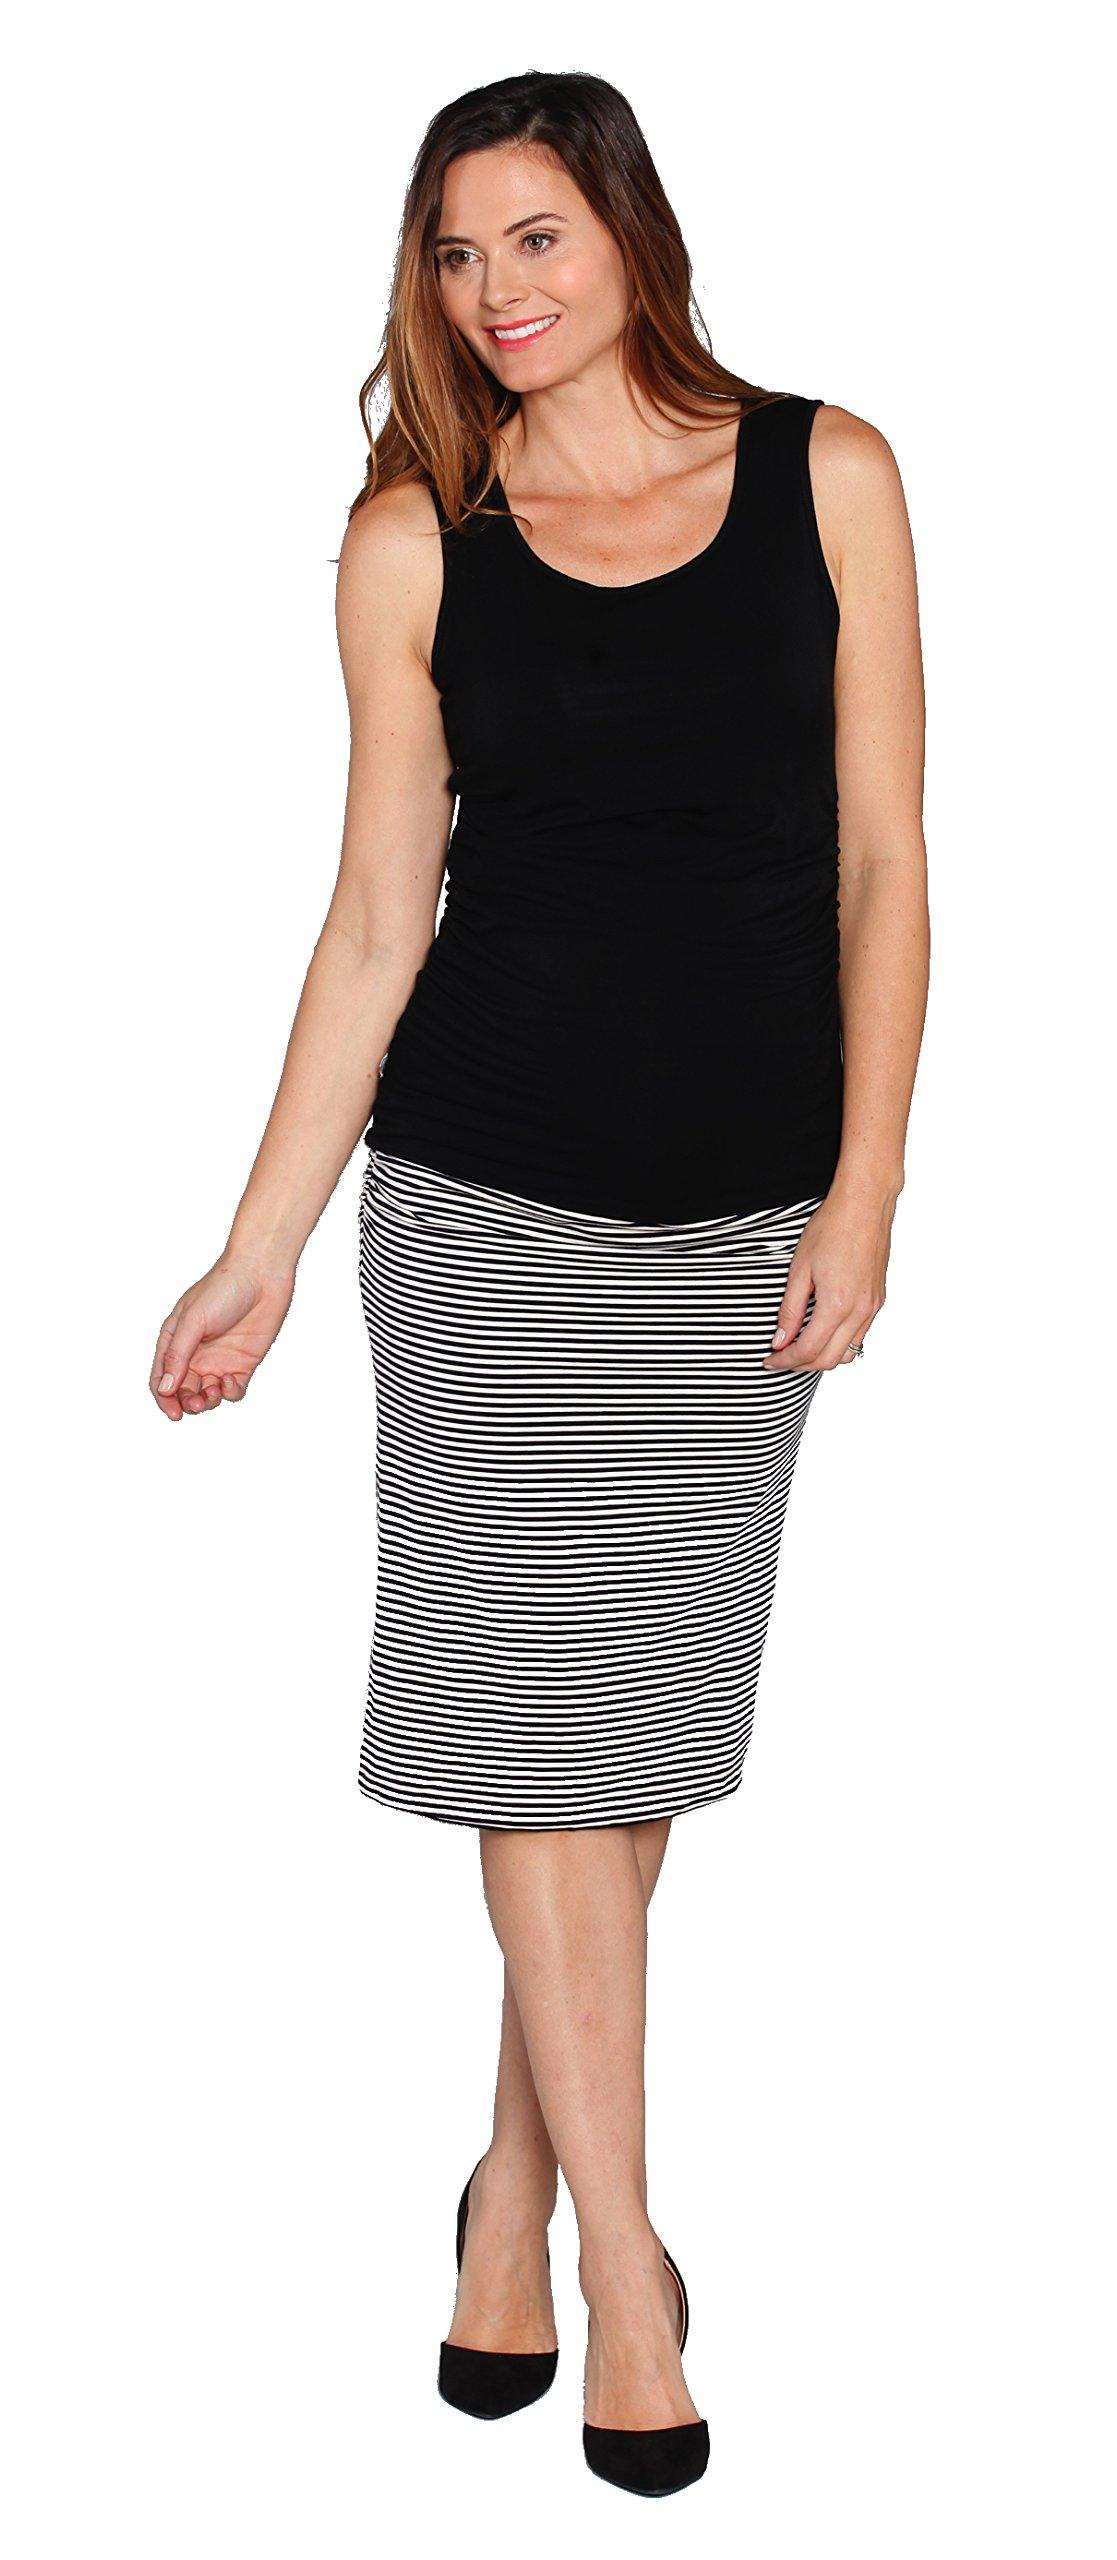 Angel Maternity Reversible Maternity Skirt: Black Skirt or Black and White Striped Skirt Stylish Fitted Maternity Skirt - XL by Angel Maternity